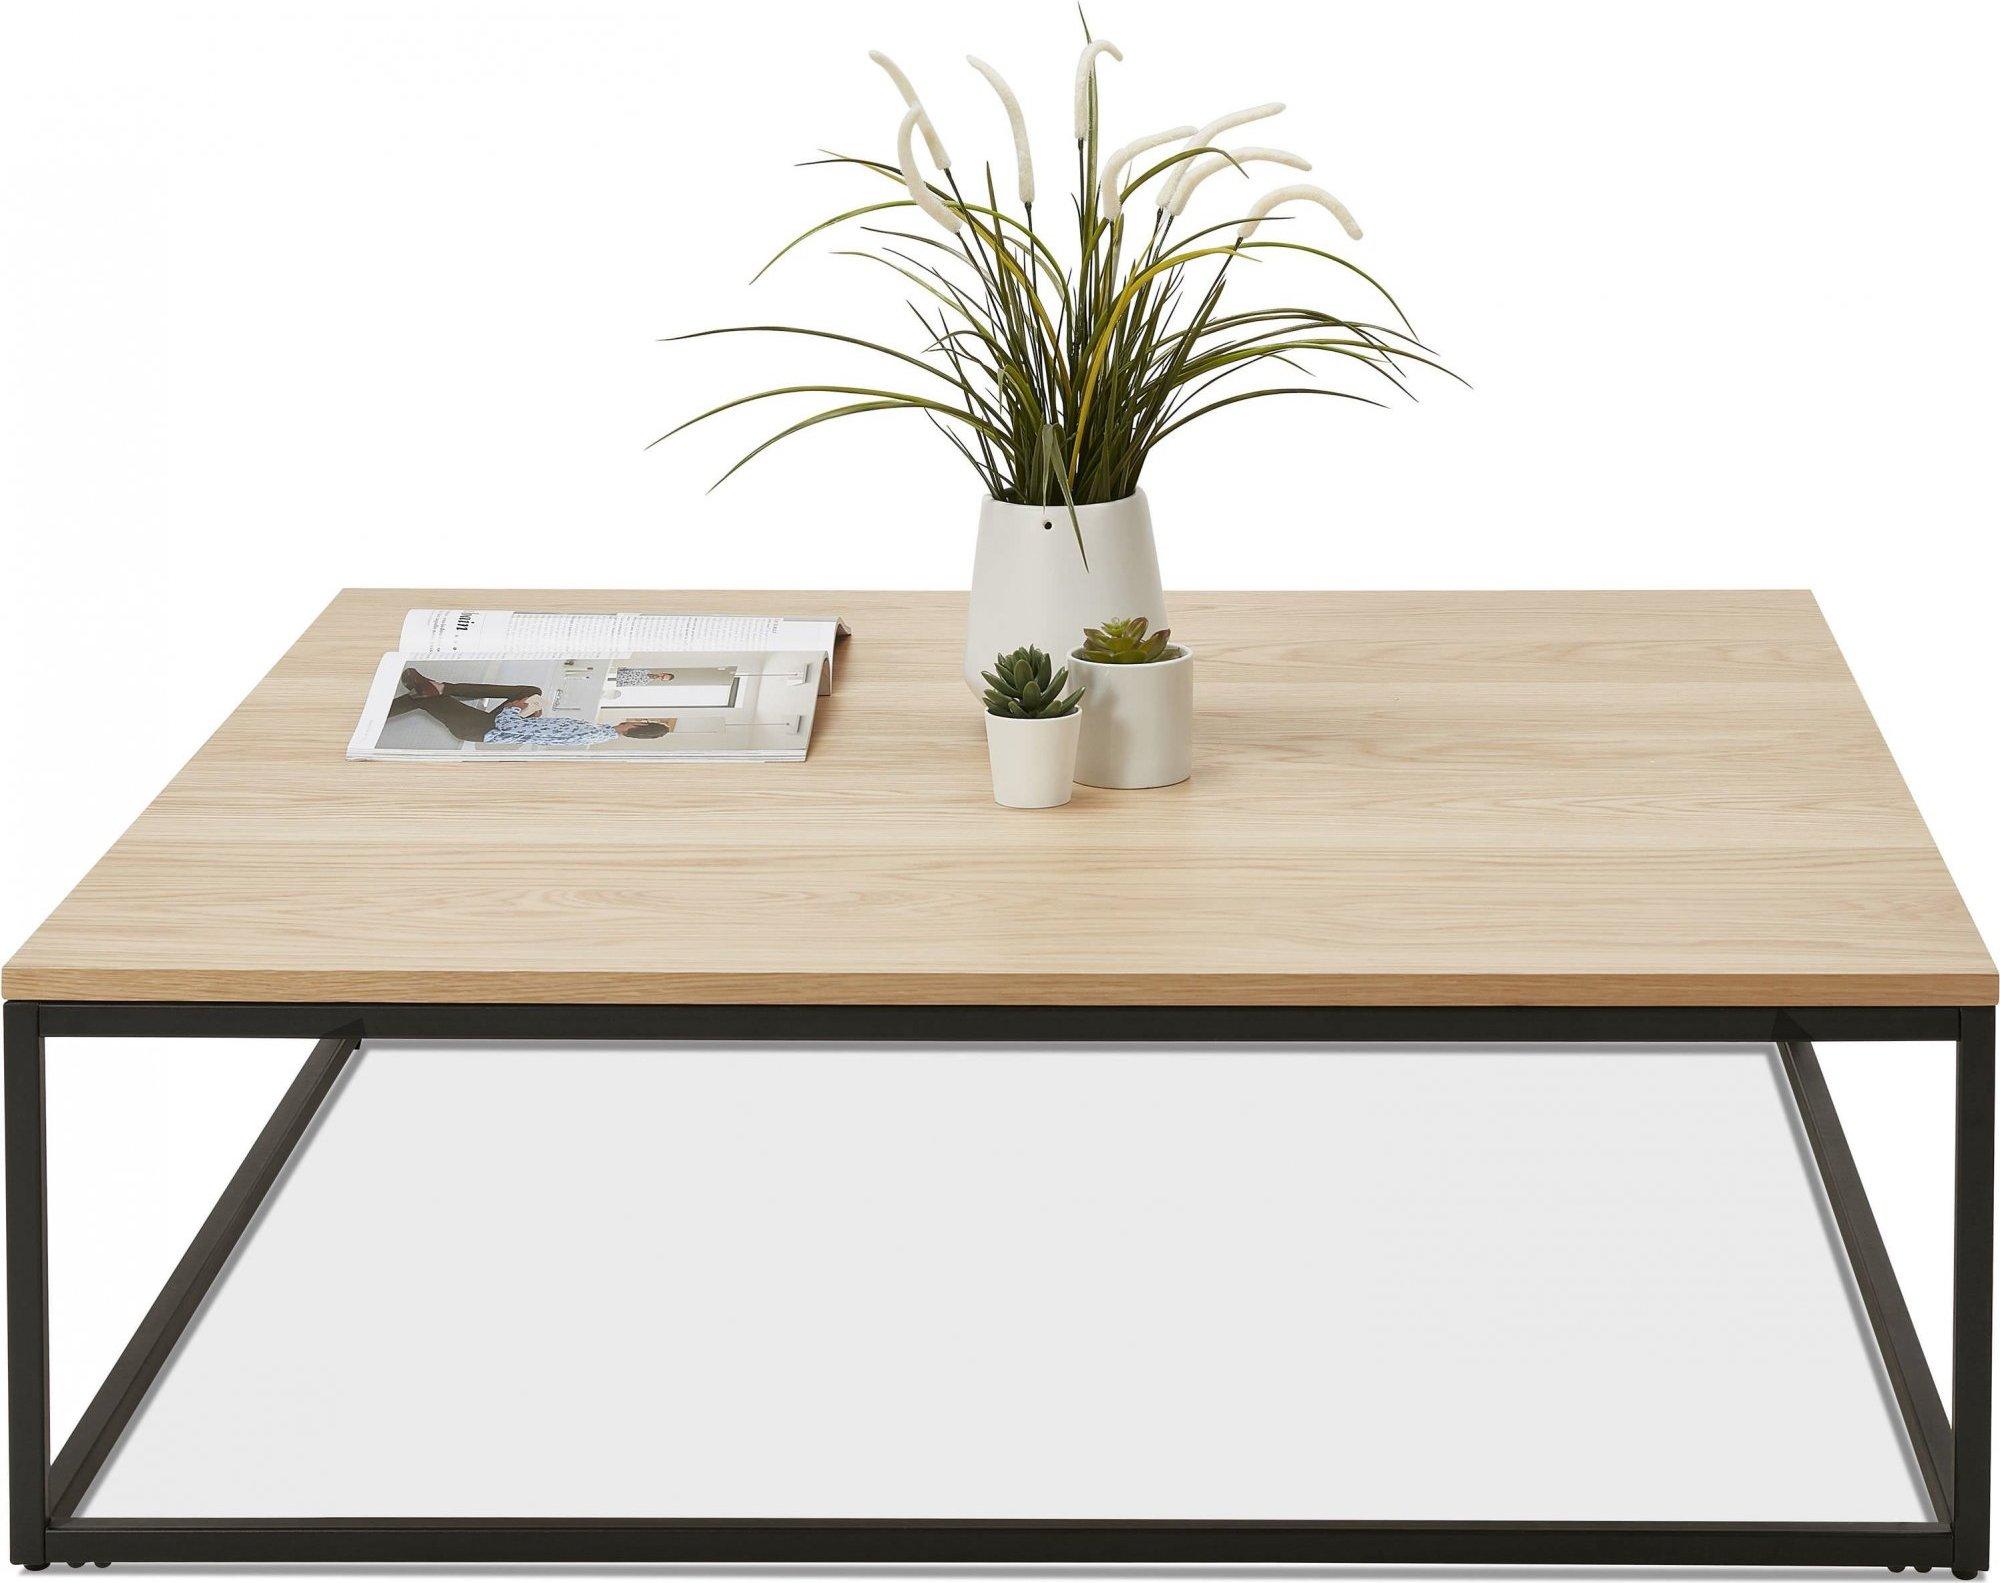 Table basse carré métal noir et plateau bois clair l110cm